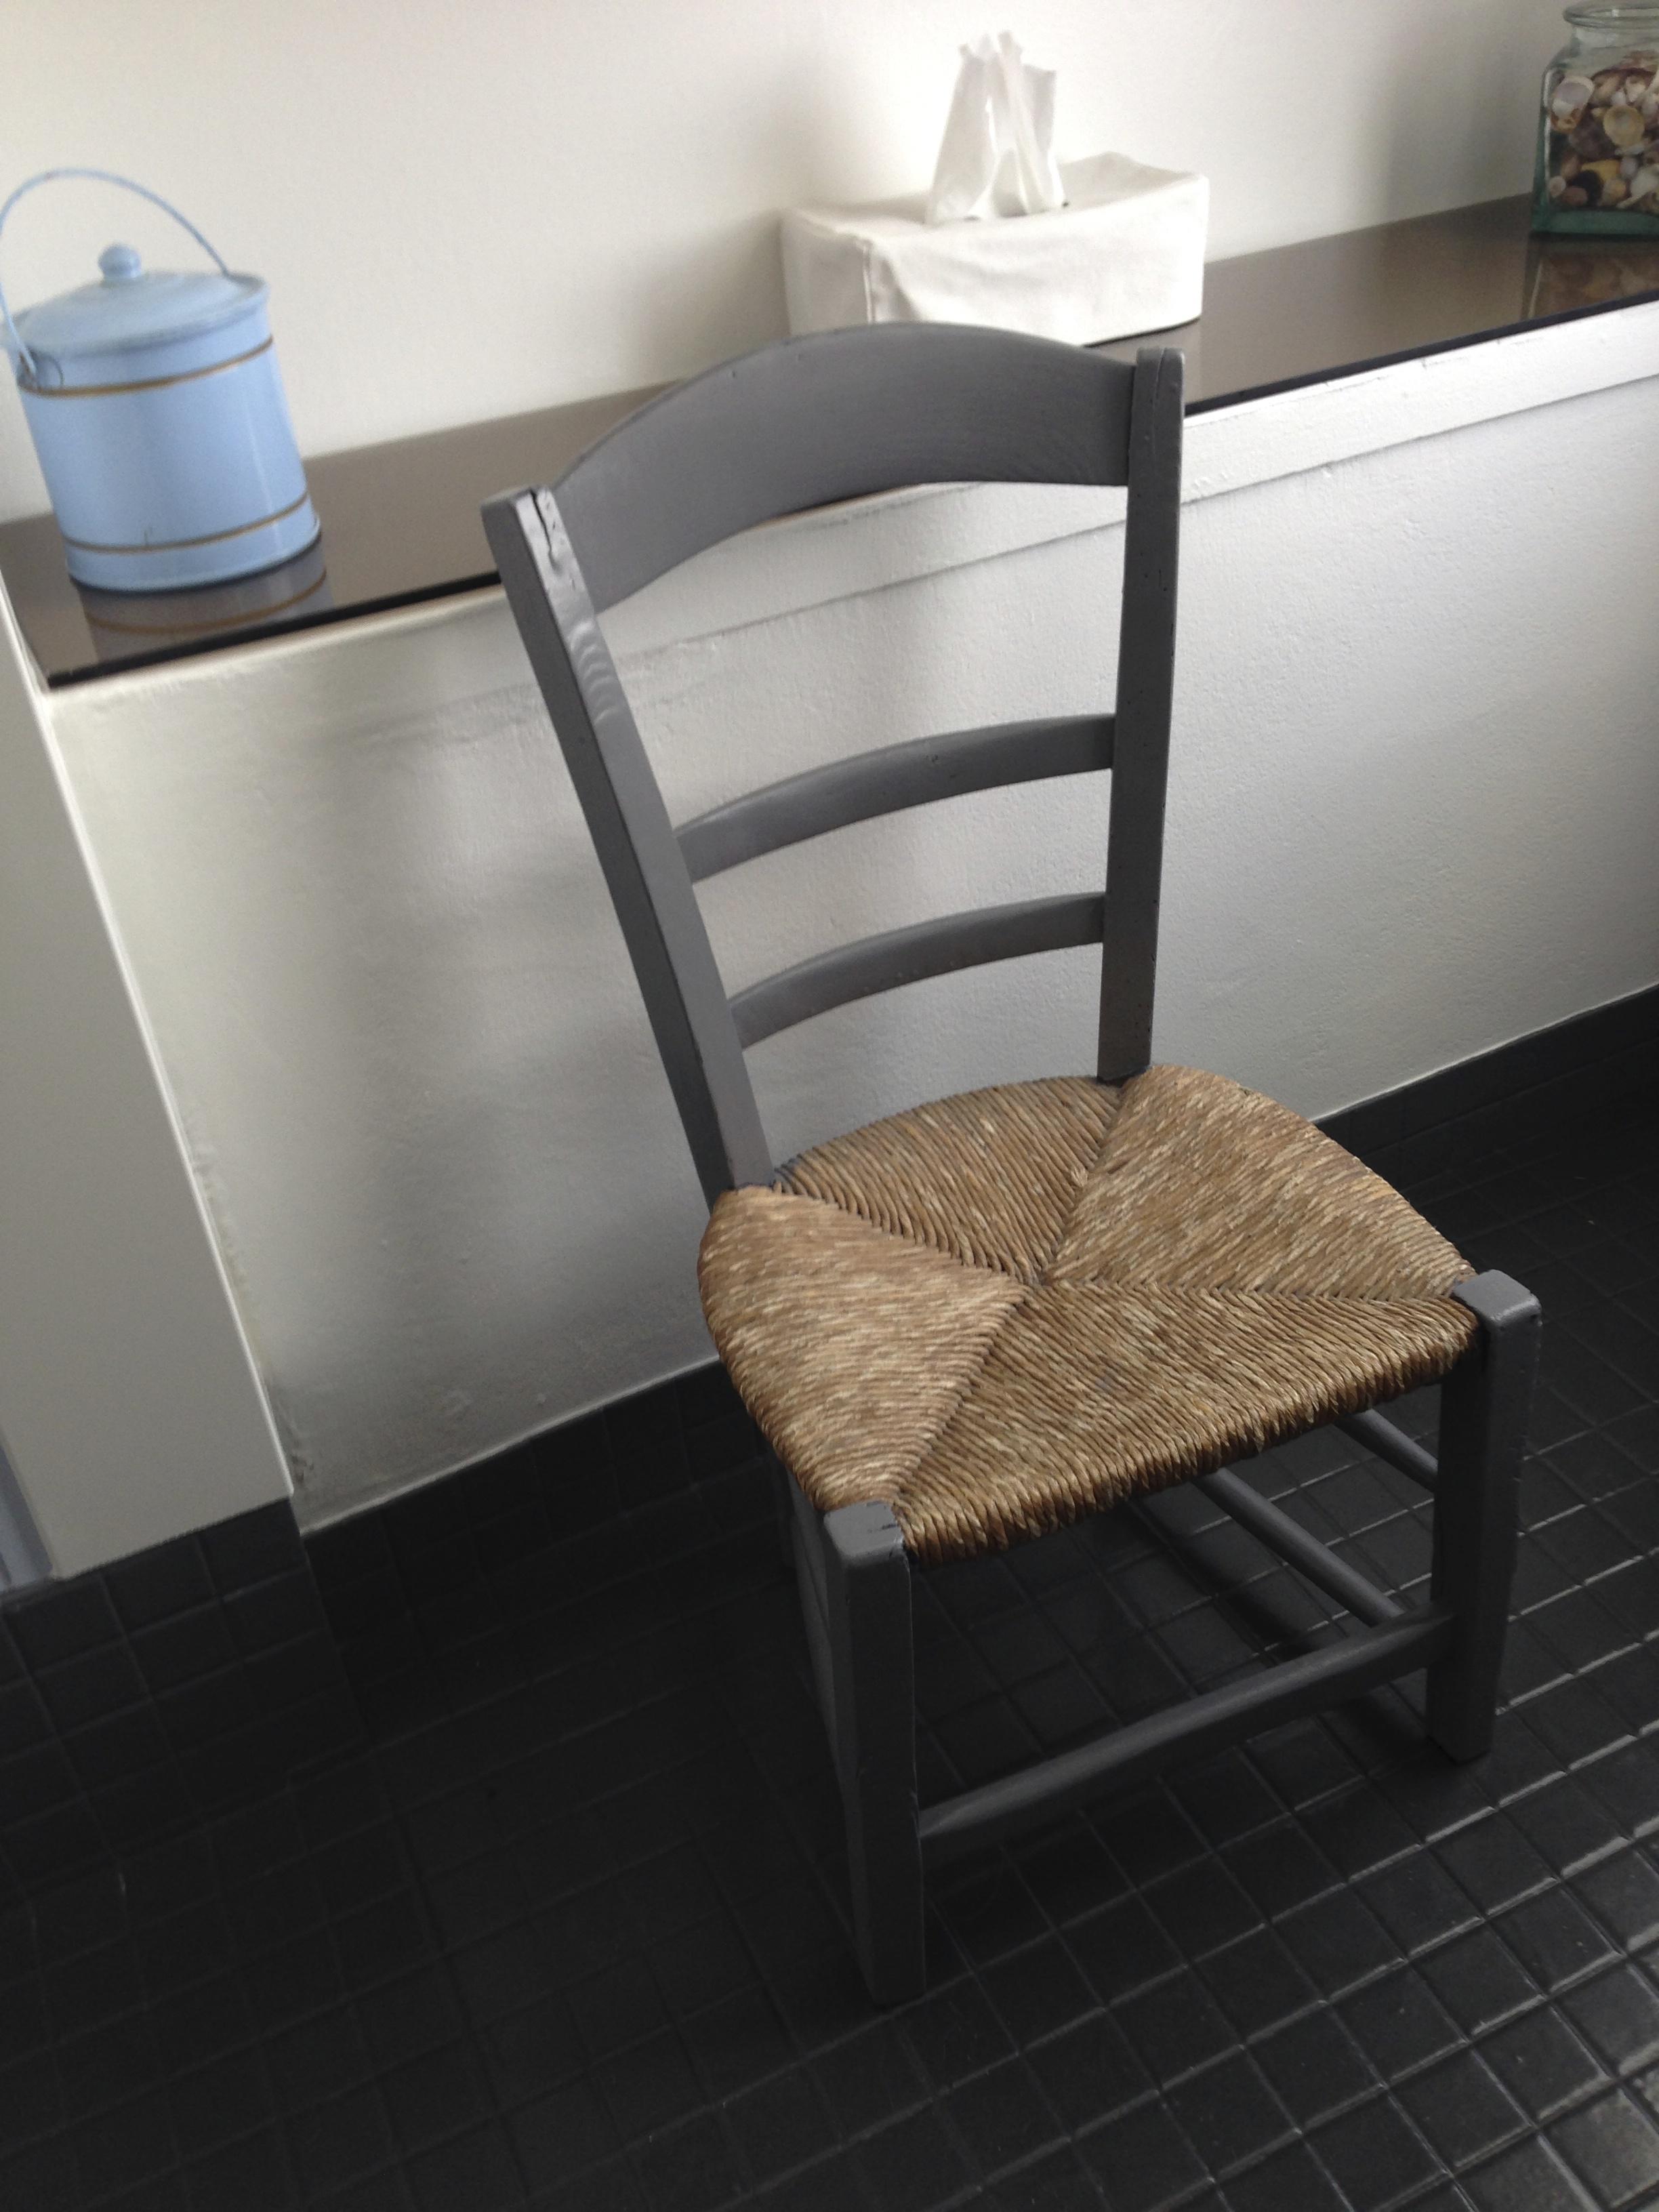 vive la vie et vive le vent et vive le printemps kath n ko. Black Bedroom Furniture Sets. Home Design Ideas